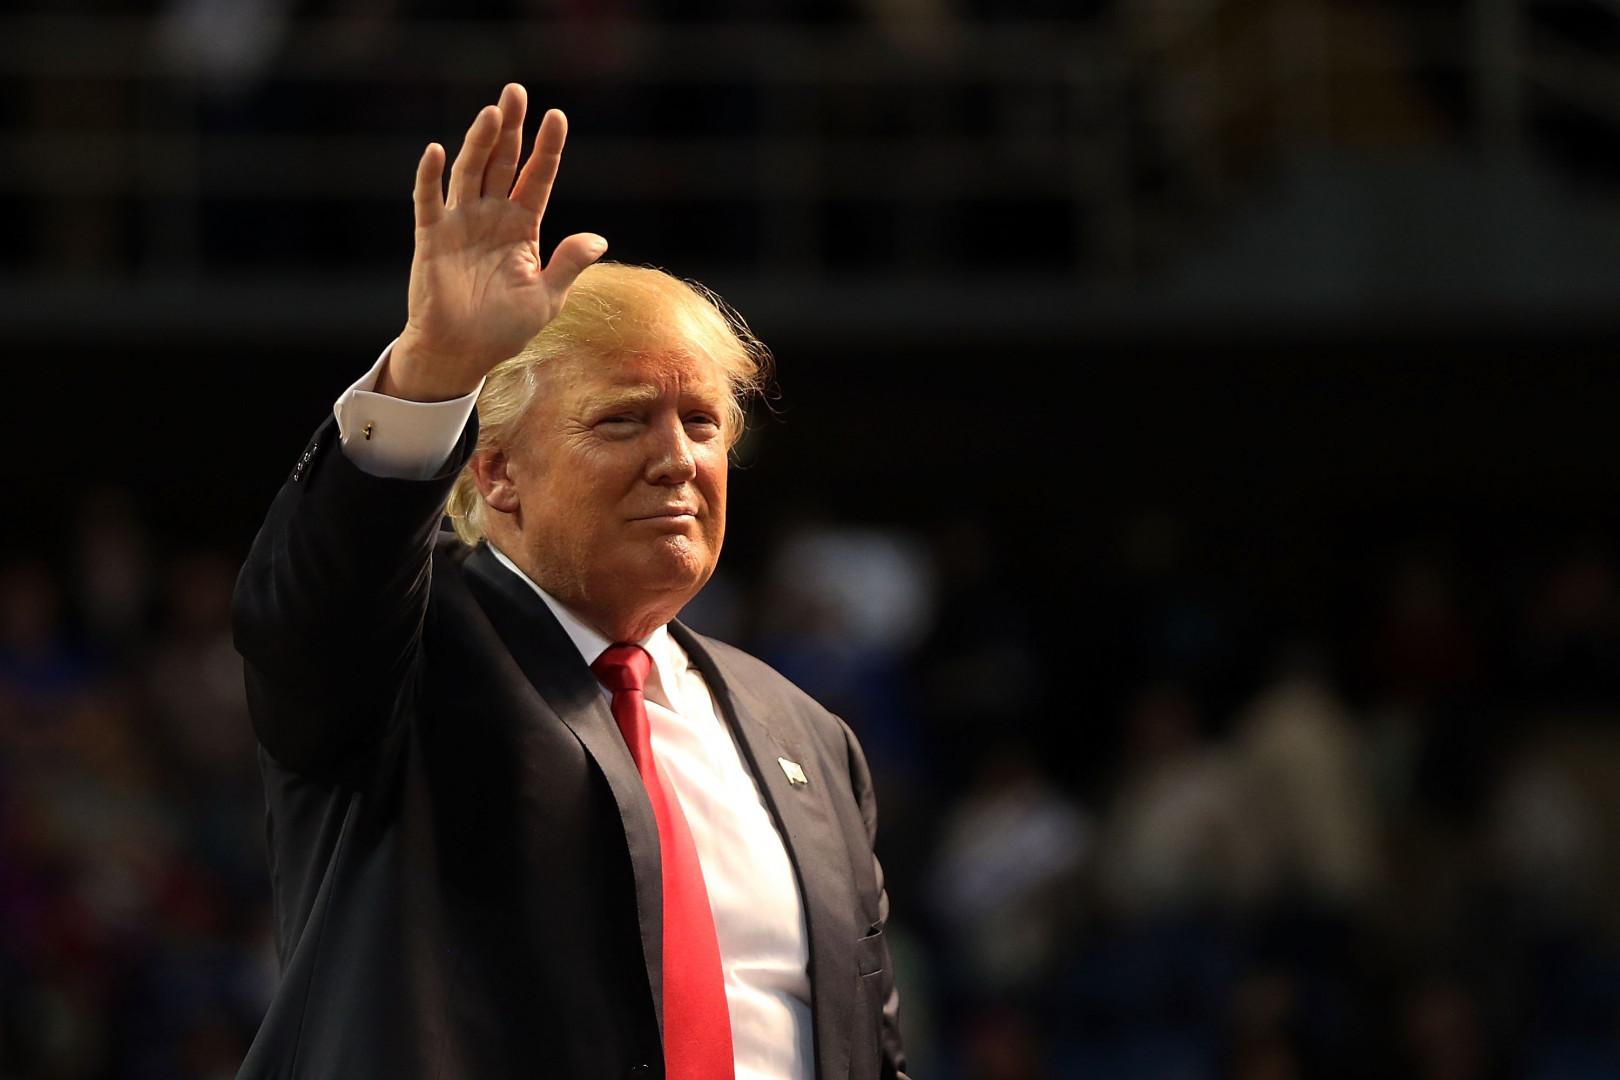 Donald Trump, candidat milliardaire à la primaire républicaine